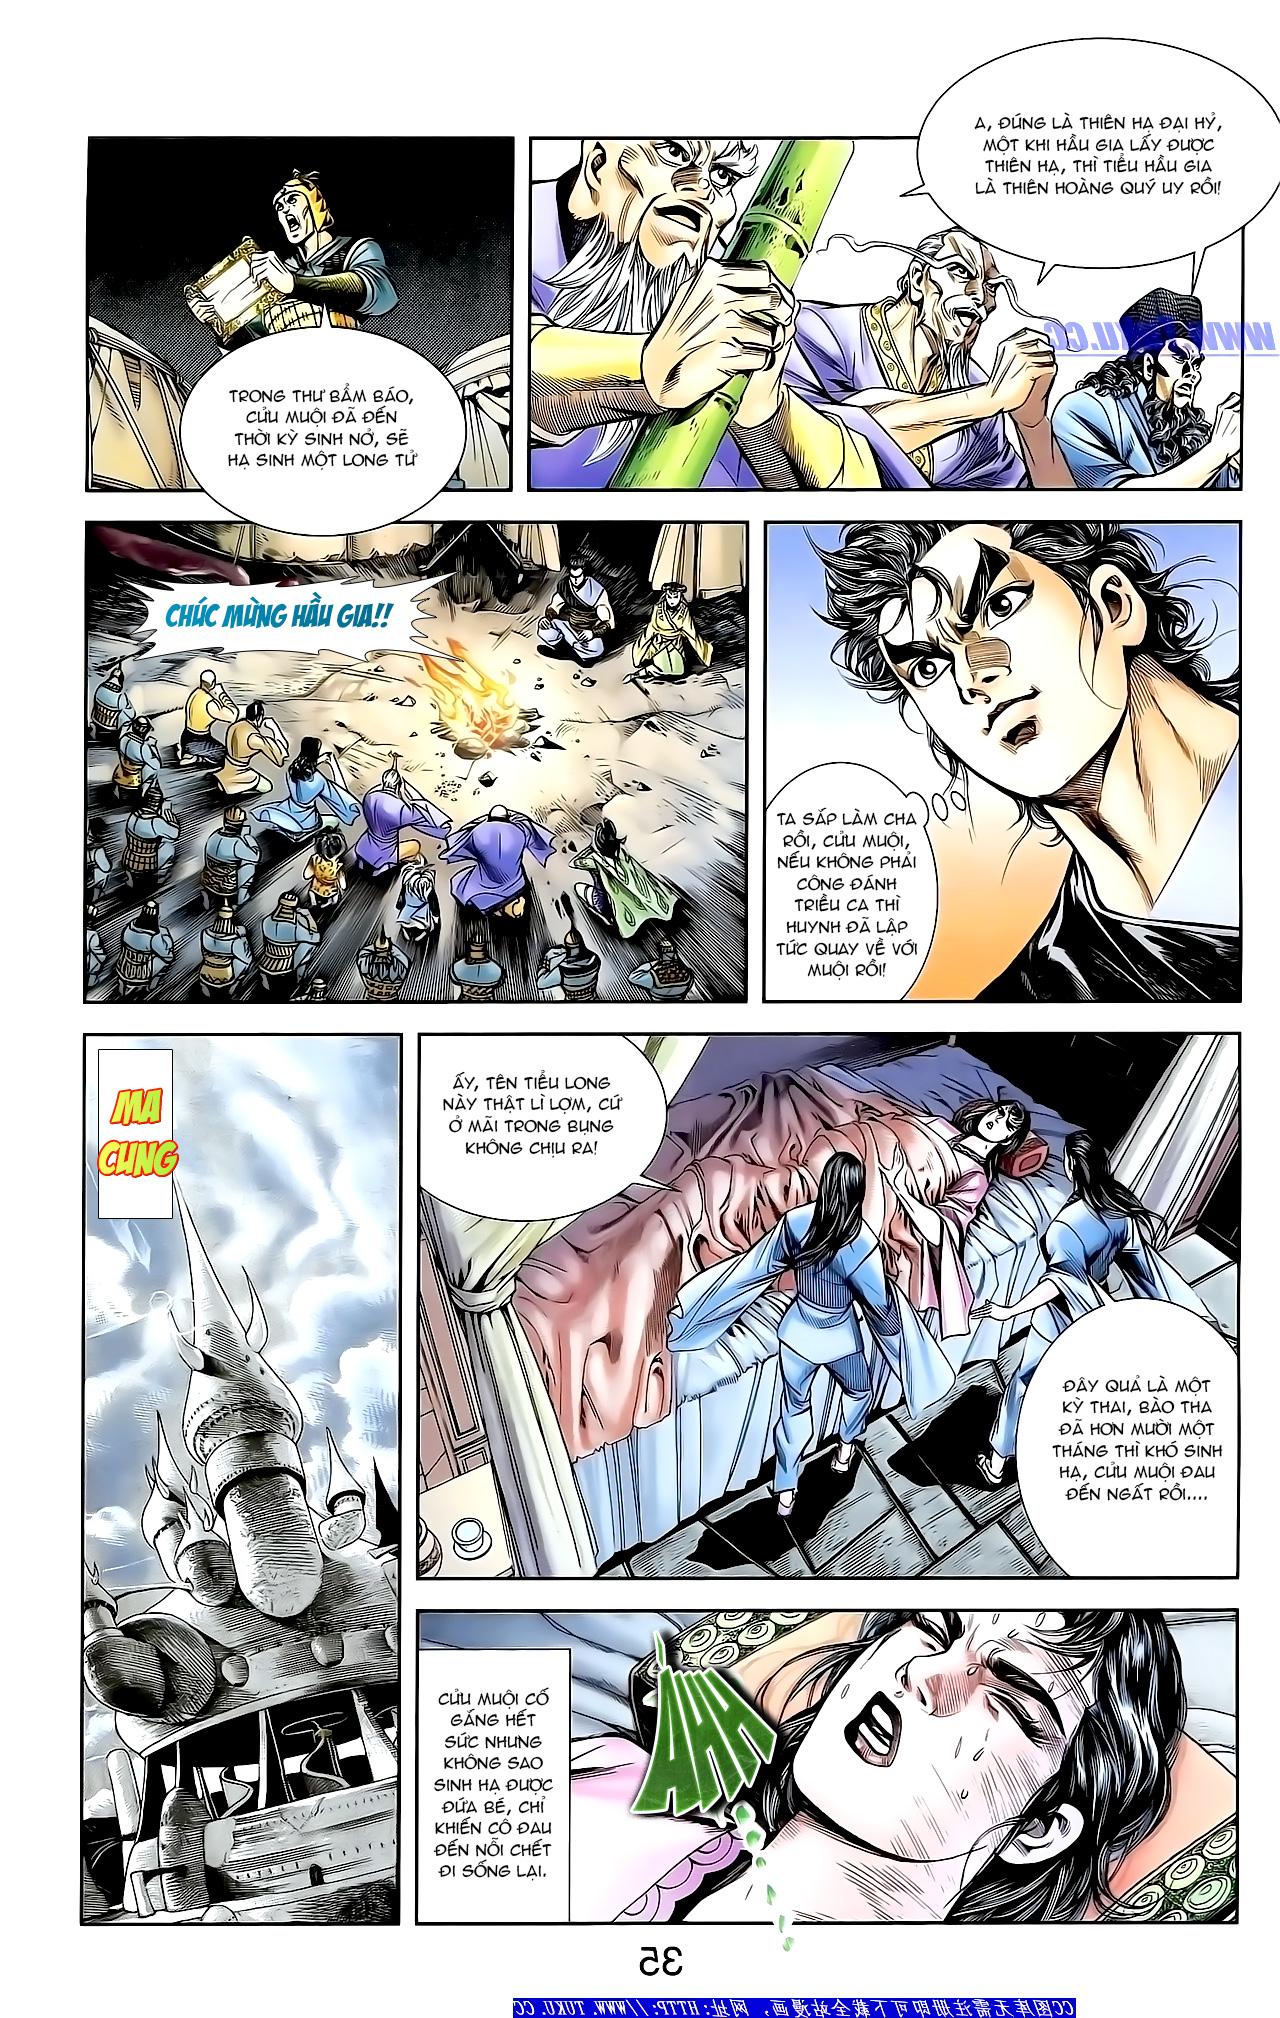 Cơ Phát Khai Chu Bản chapter 159 trang 21